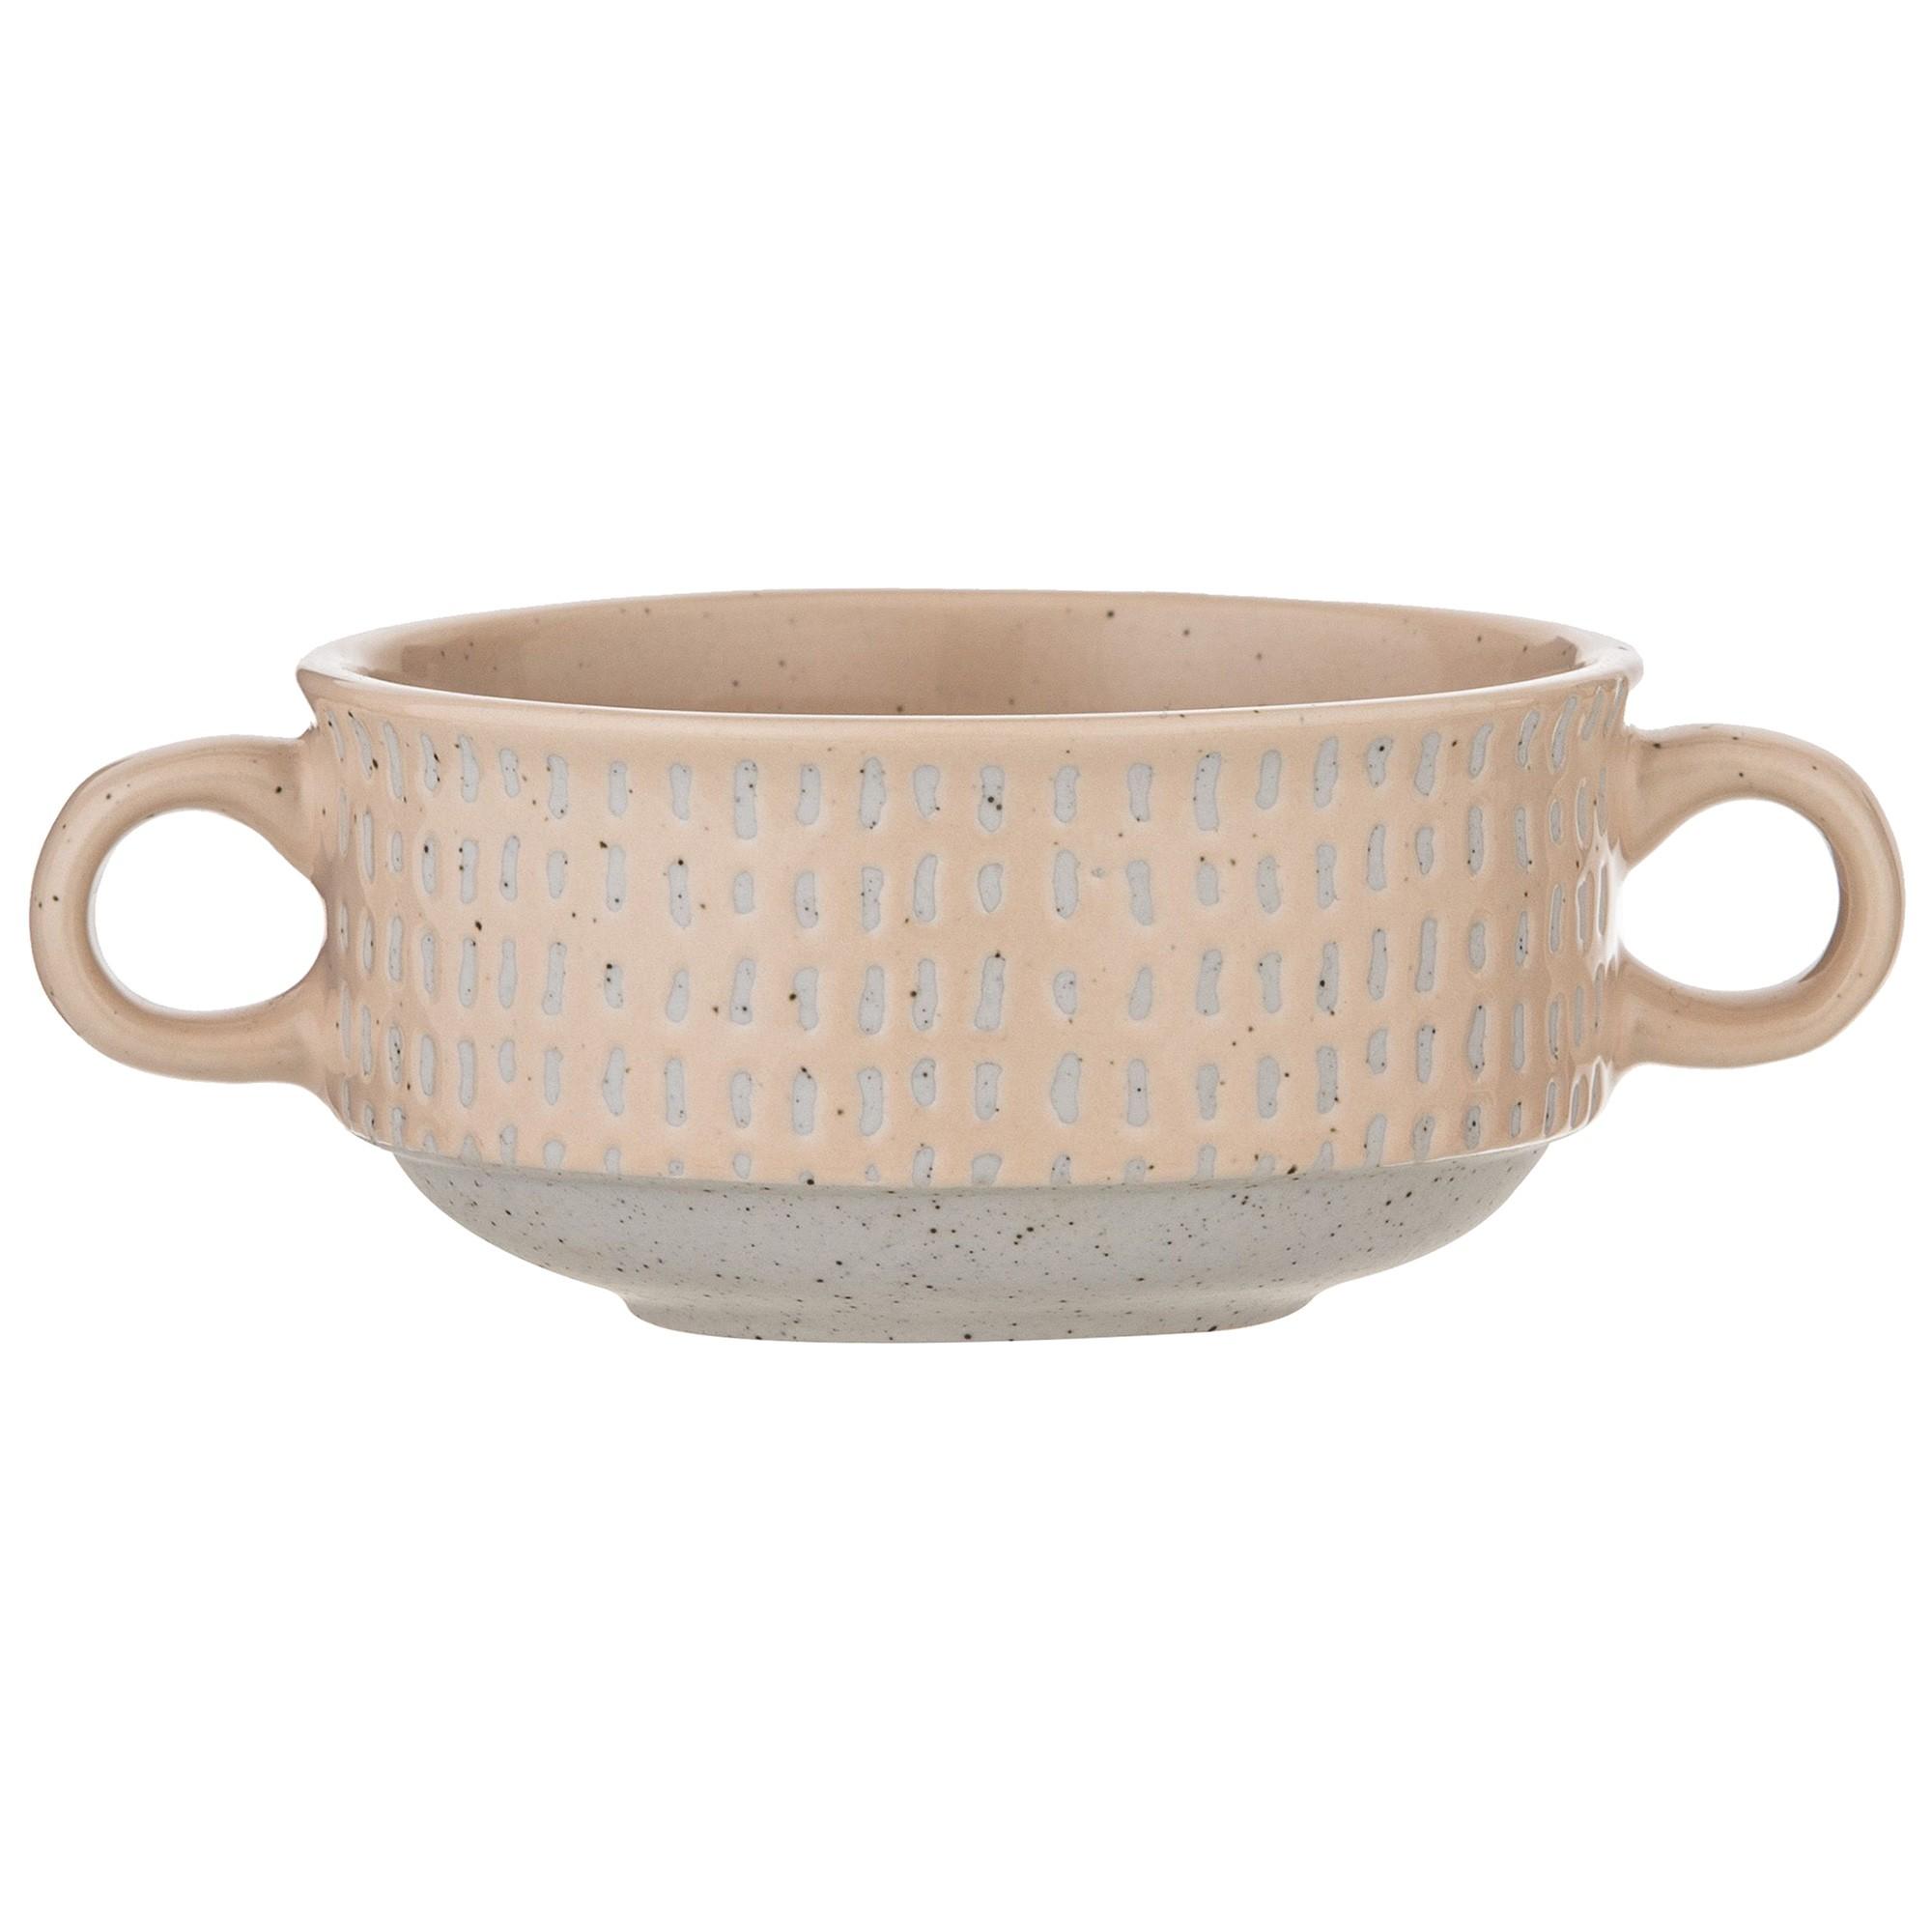 Kitson Ceramic Ramekin, Blush